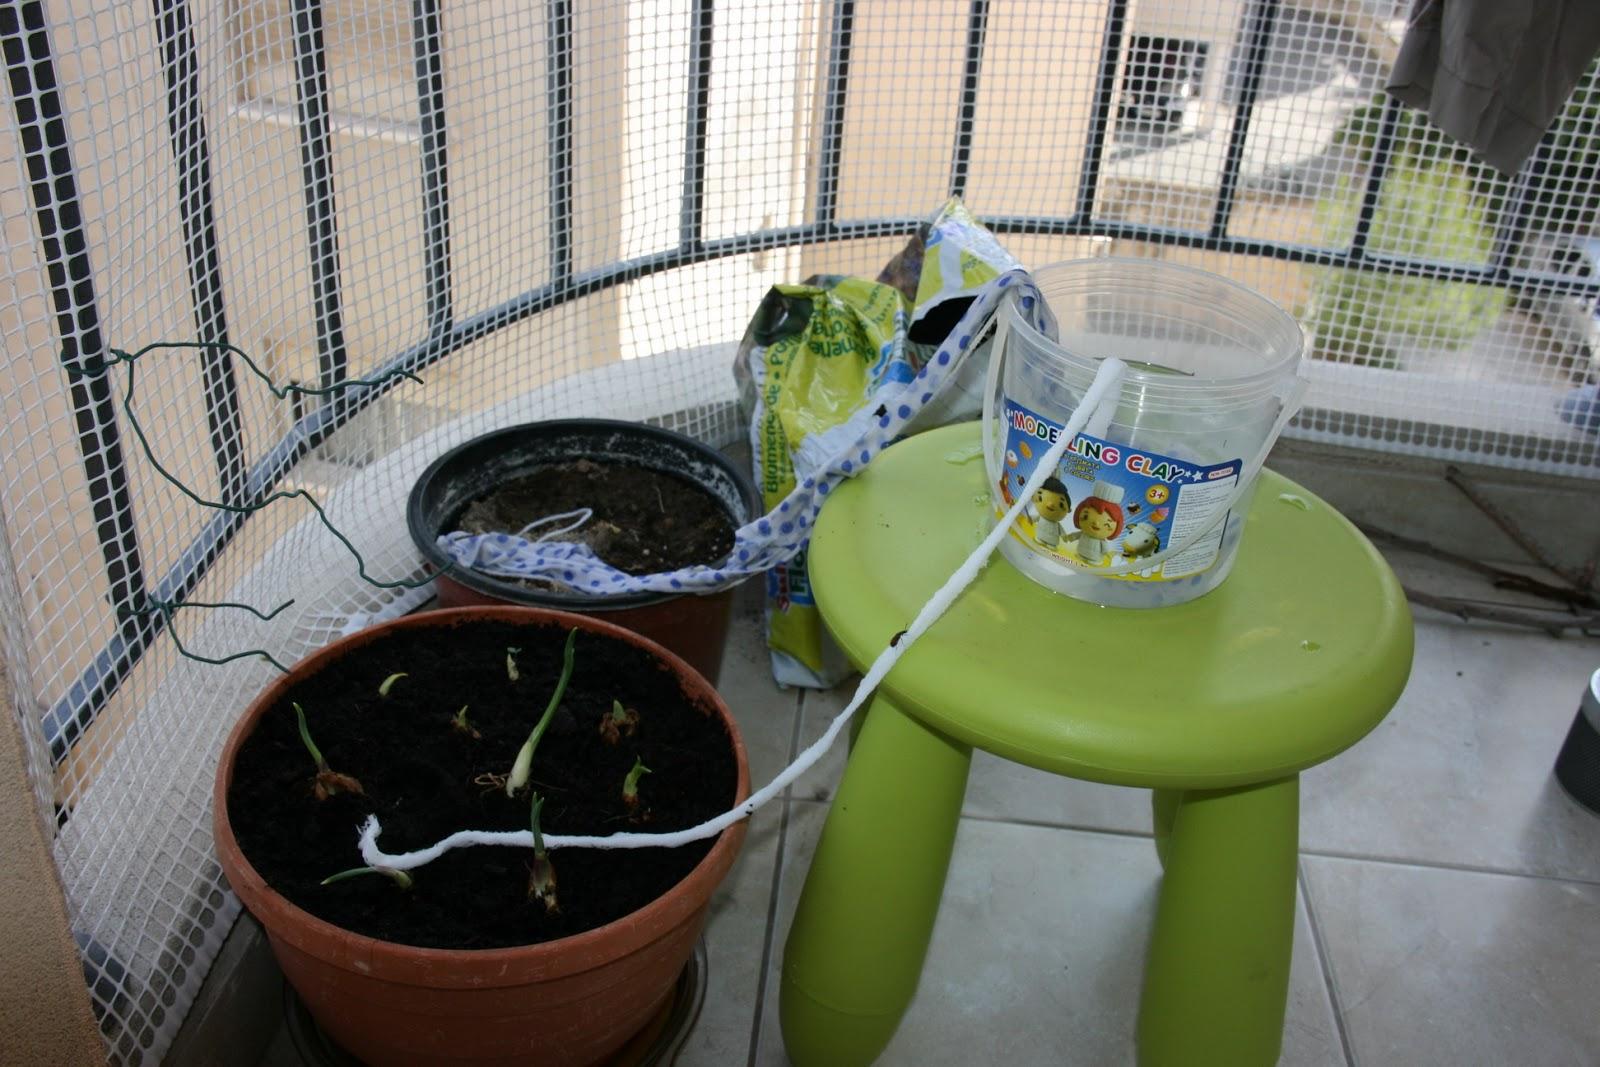 Чтобы поливать цветы во время отпуска ленточным способом, возьмите большую емкость с водой. Растения «выпьют» такое количество воды, которое им будет необходимо